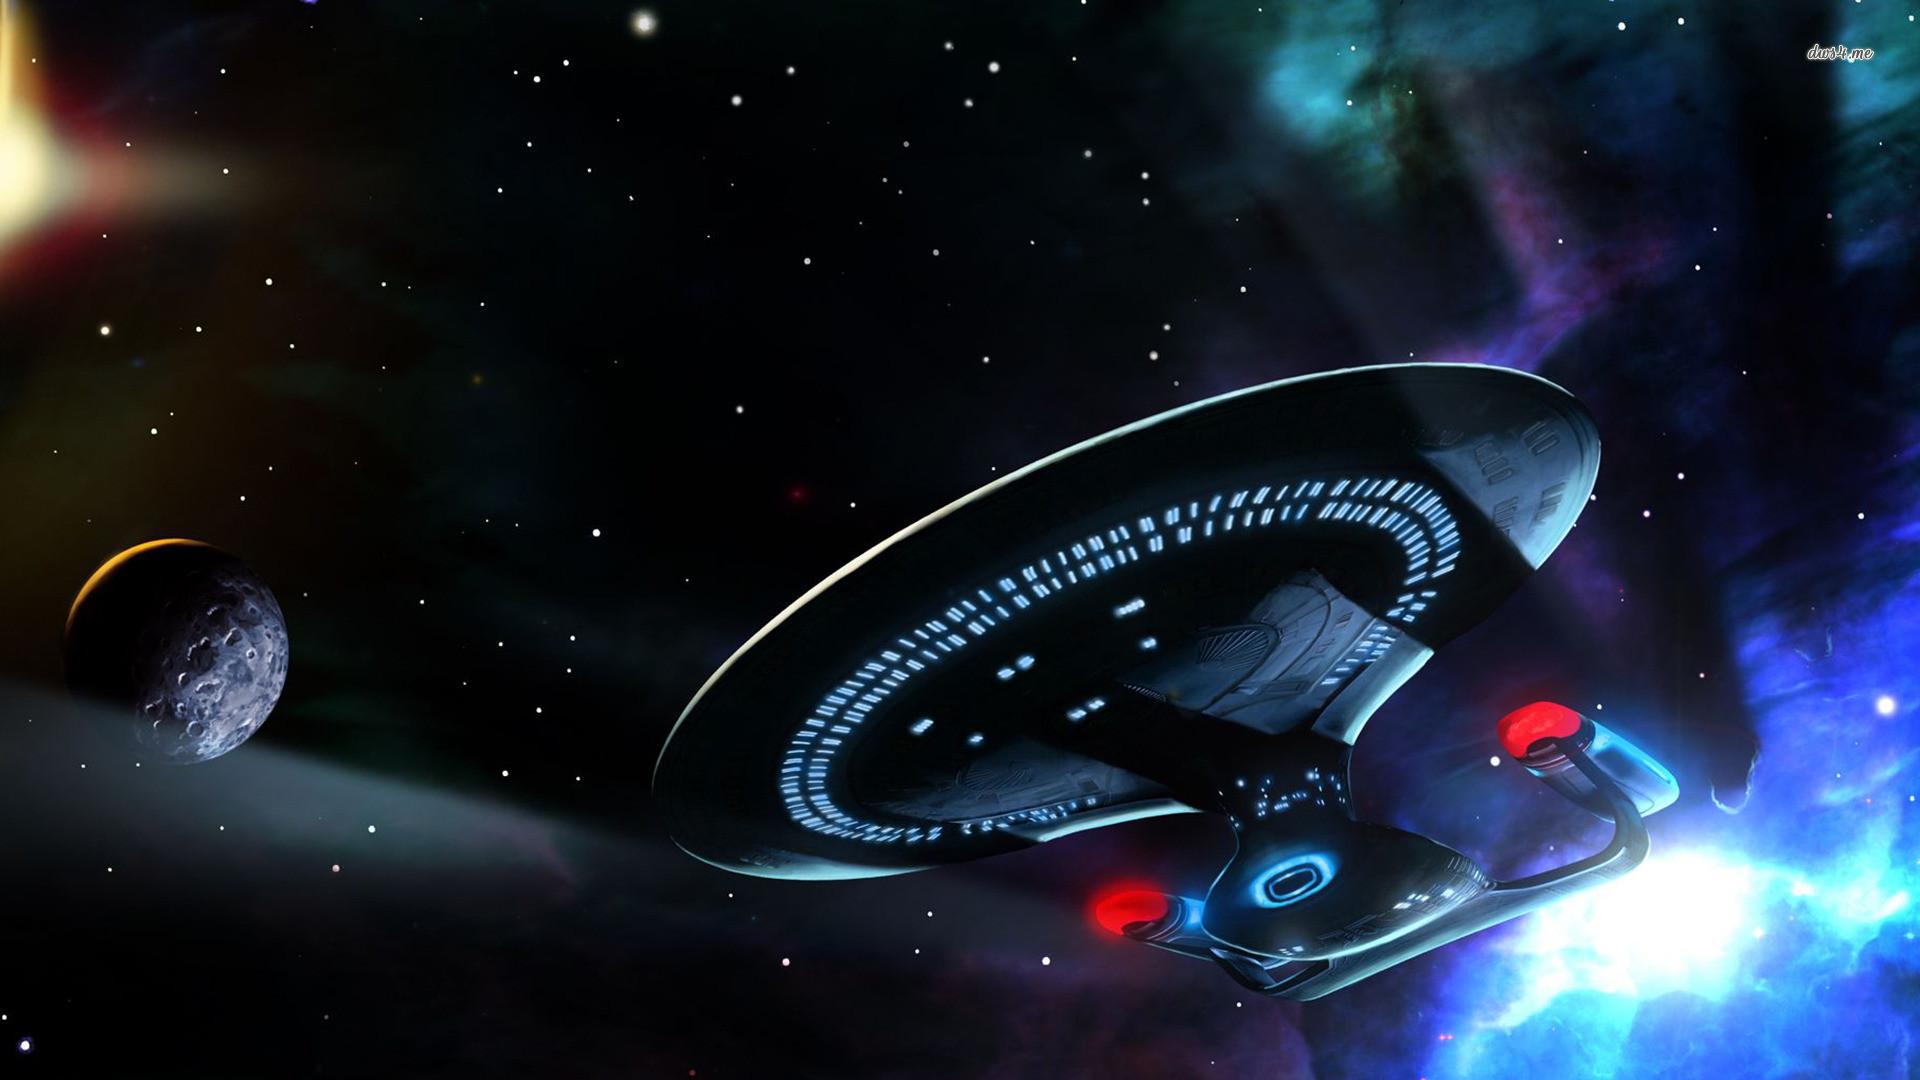 20944 uss enterprise star trek movie wallpaper .